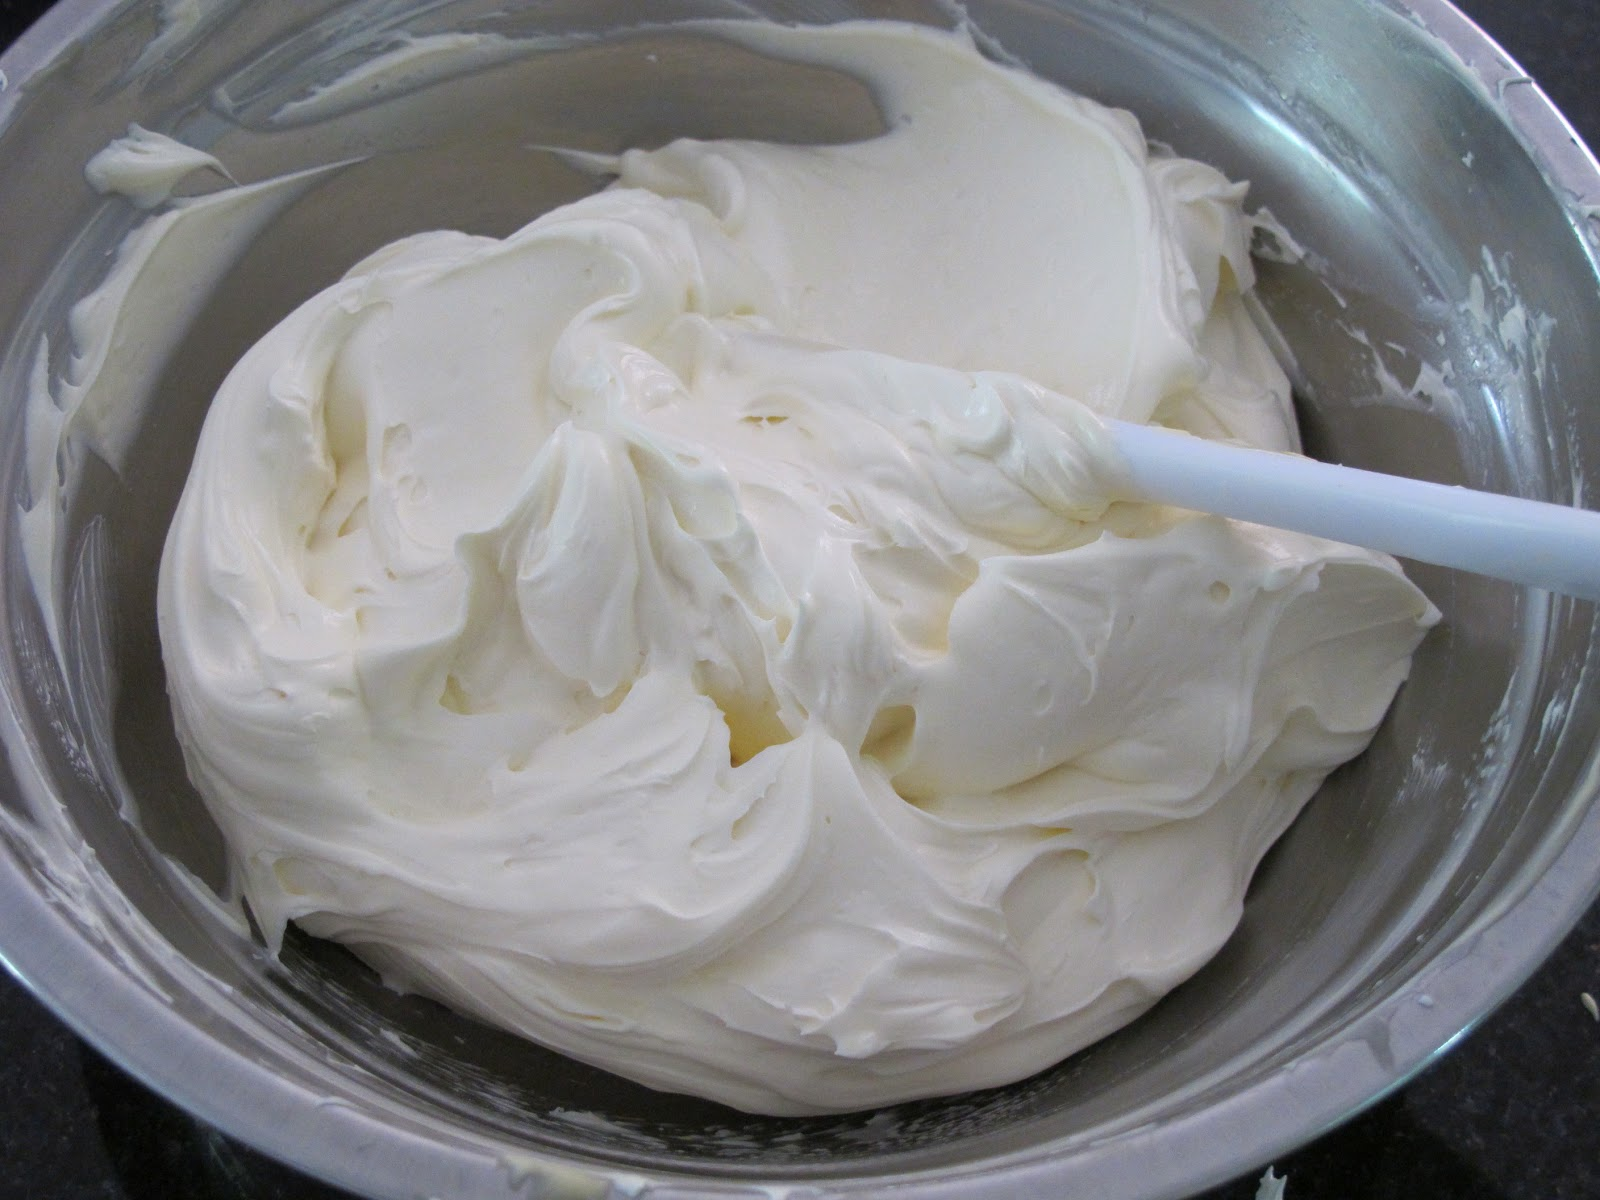 Resep Cara Membuat Whipped Cream